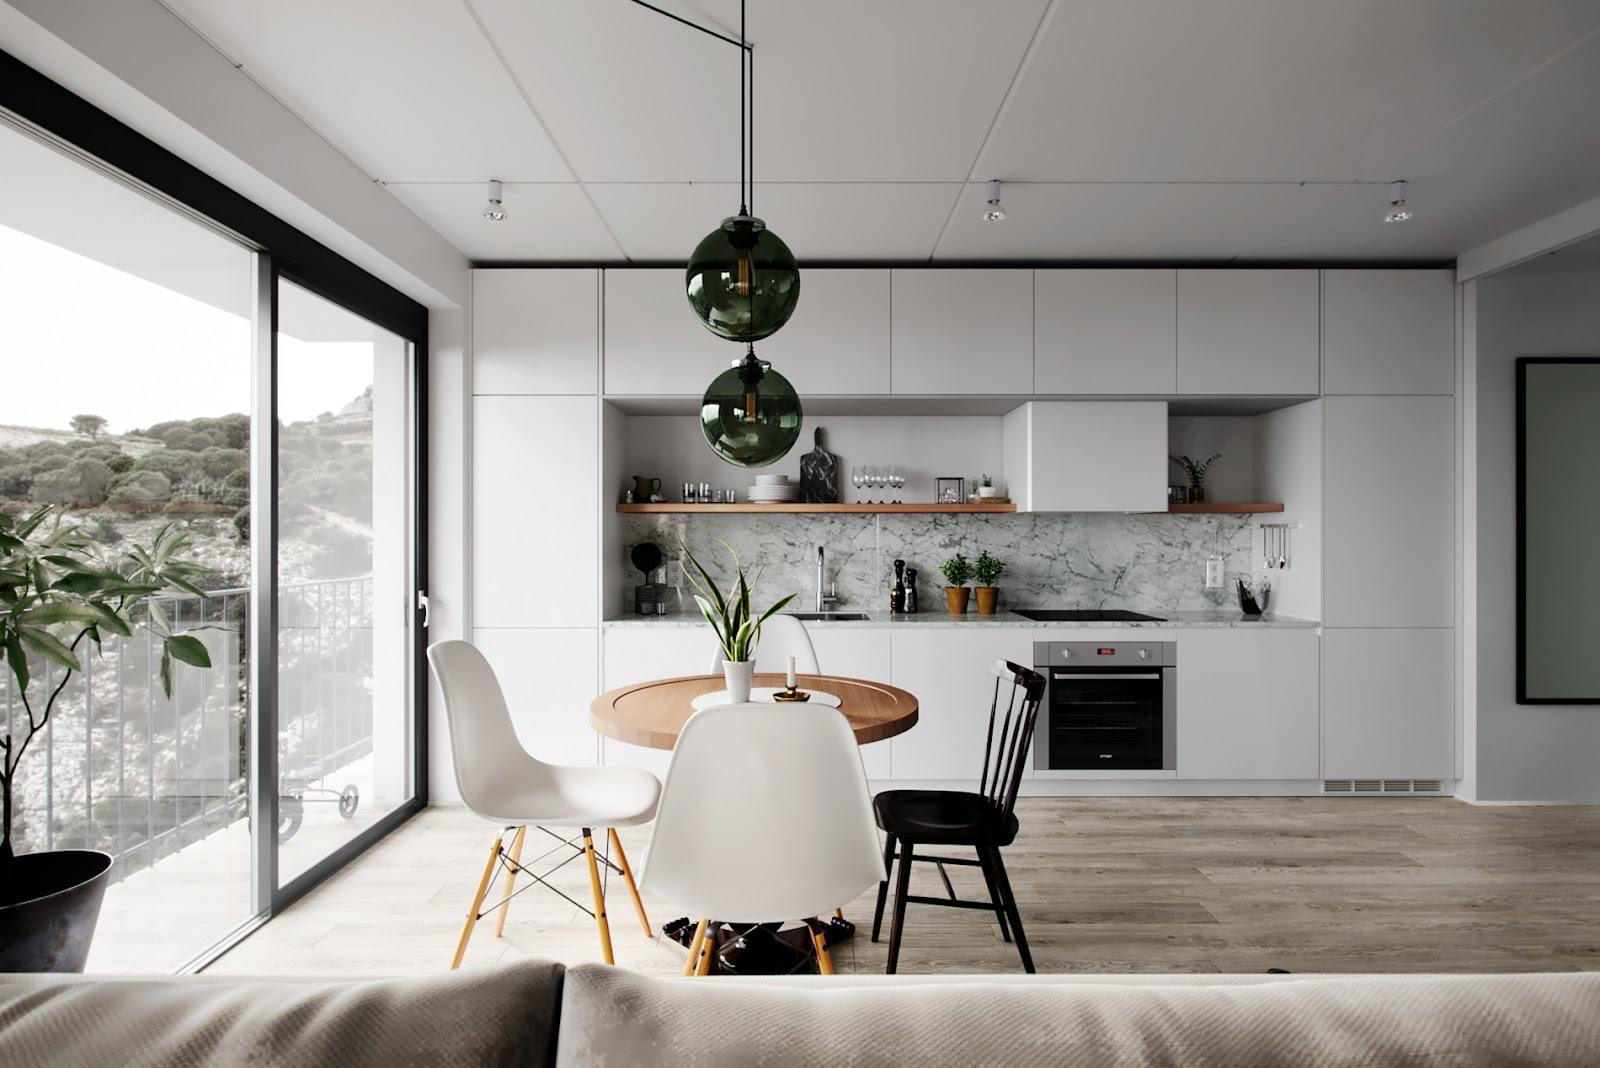 Elemen 'bentuk' pada desain interior - source: autodesk.com